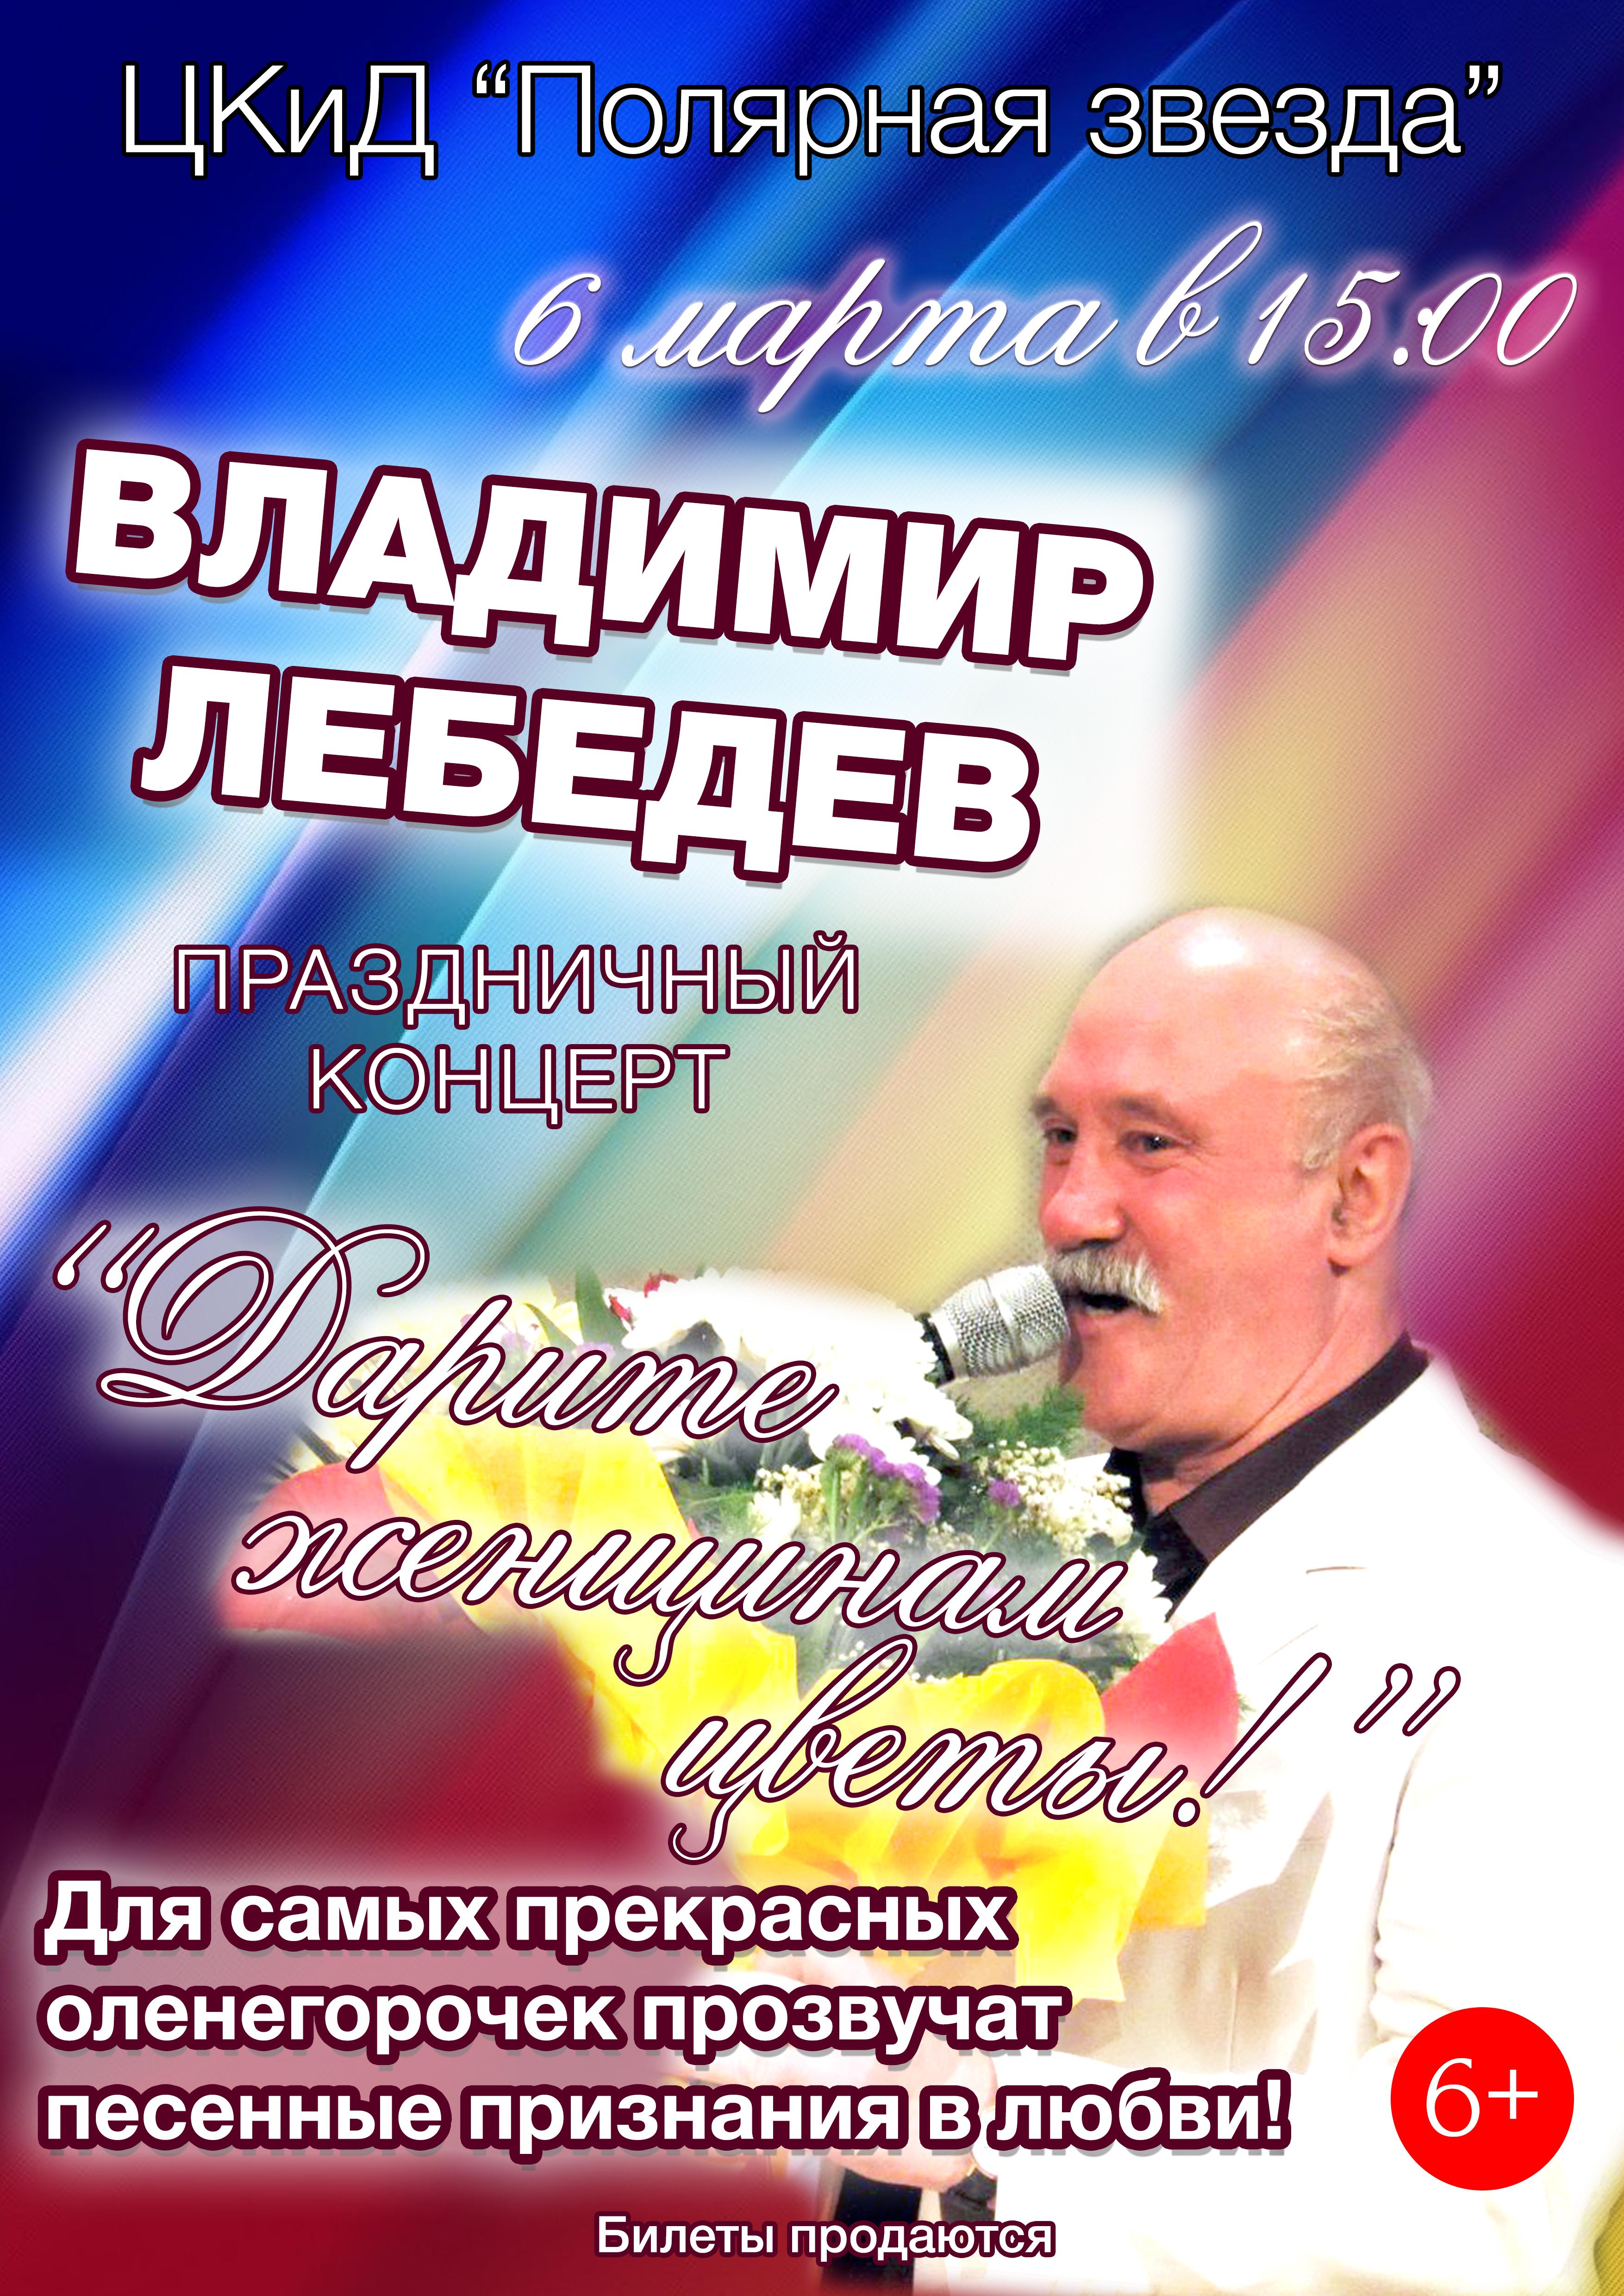 Лебедев Сольный.jpg